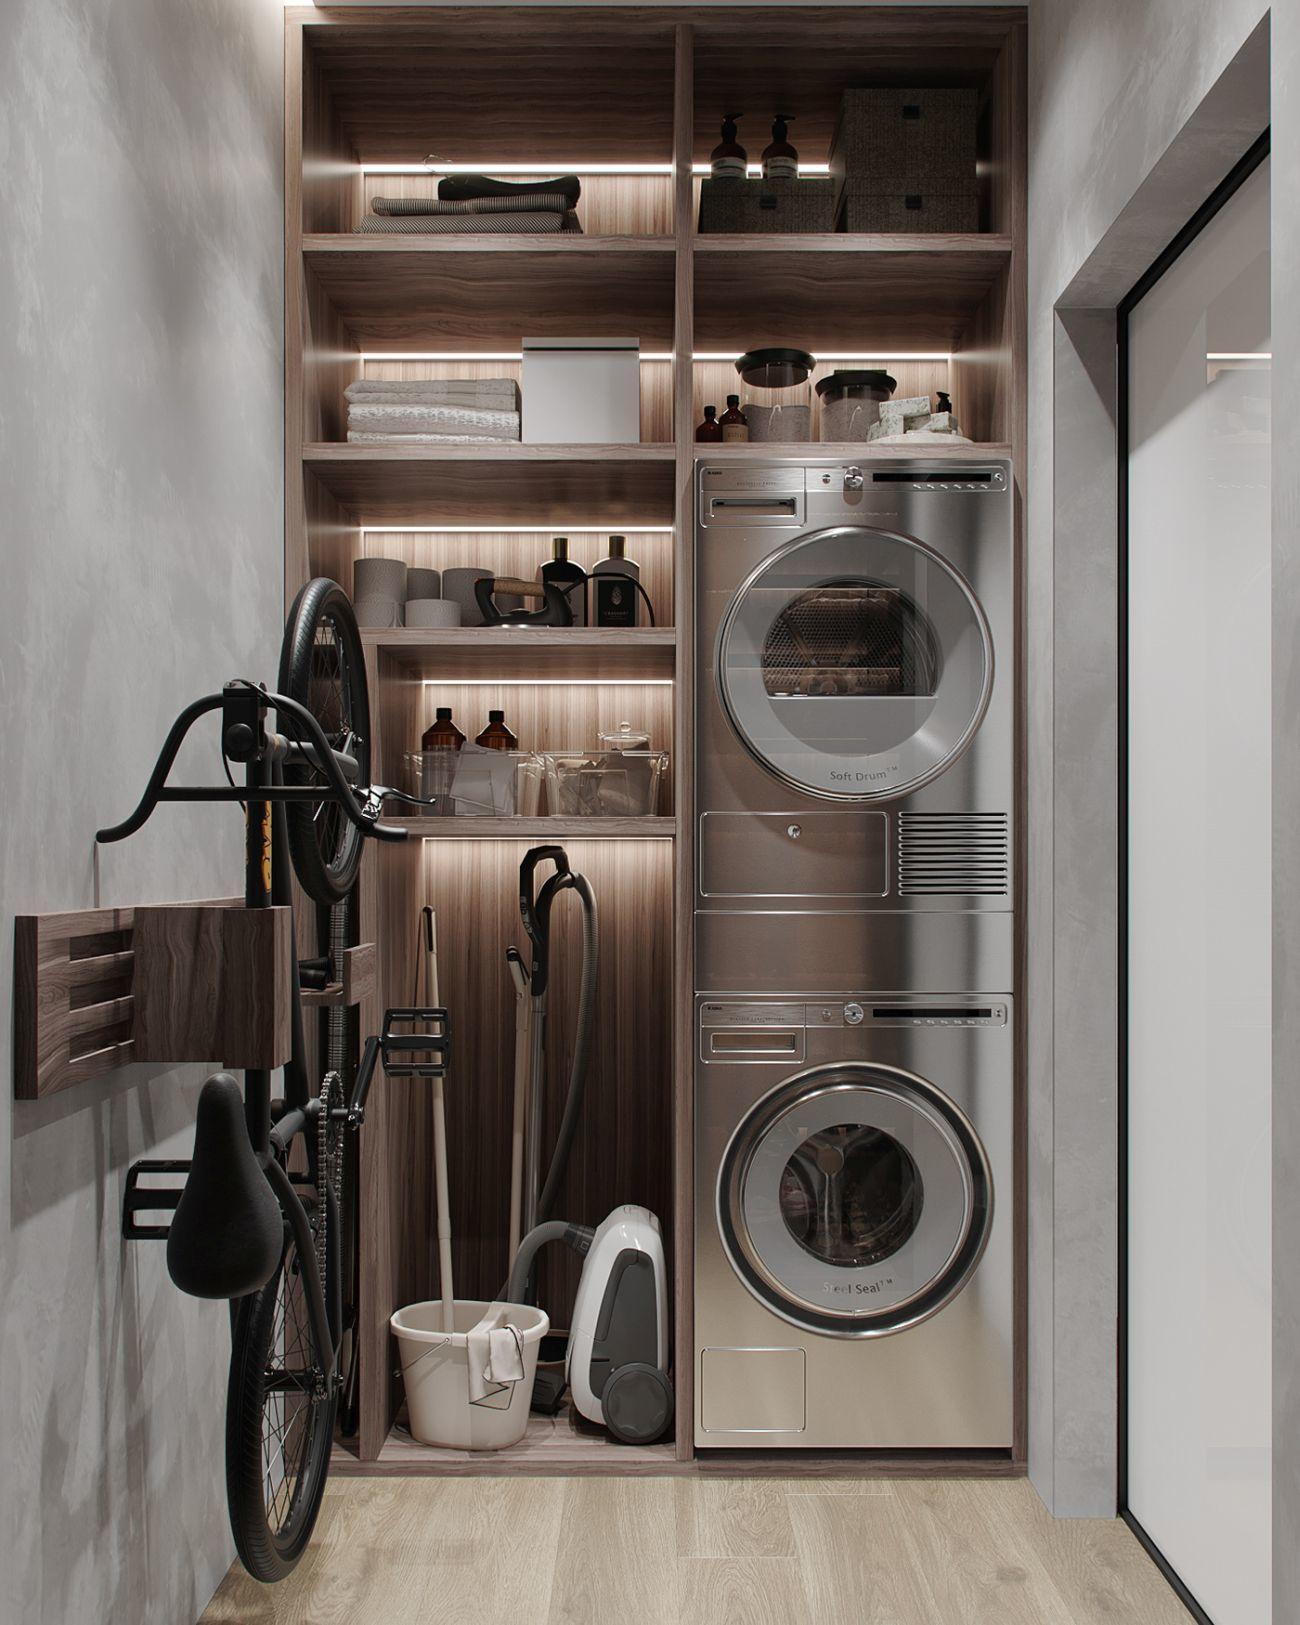 A háztartási kellékek és a mosógép is külön helyiségben kaptak helyet